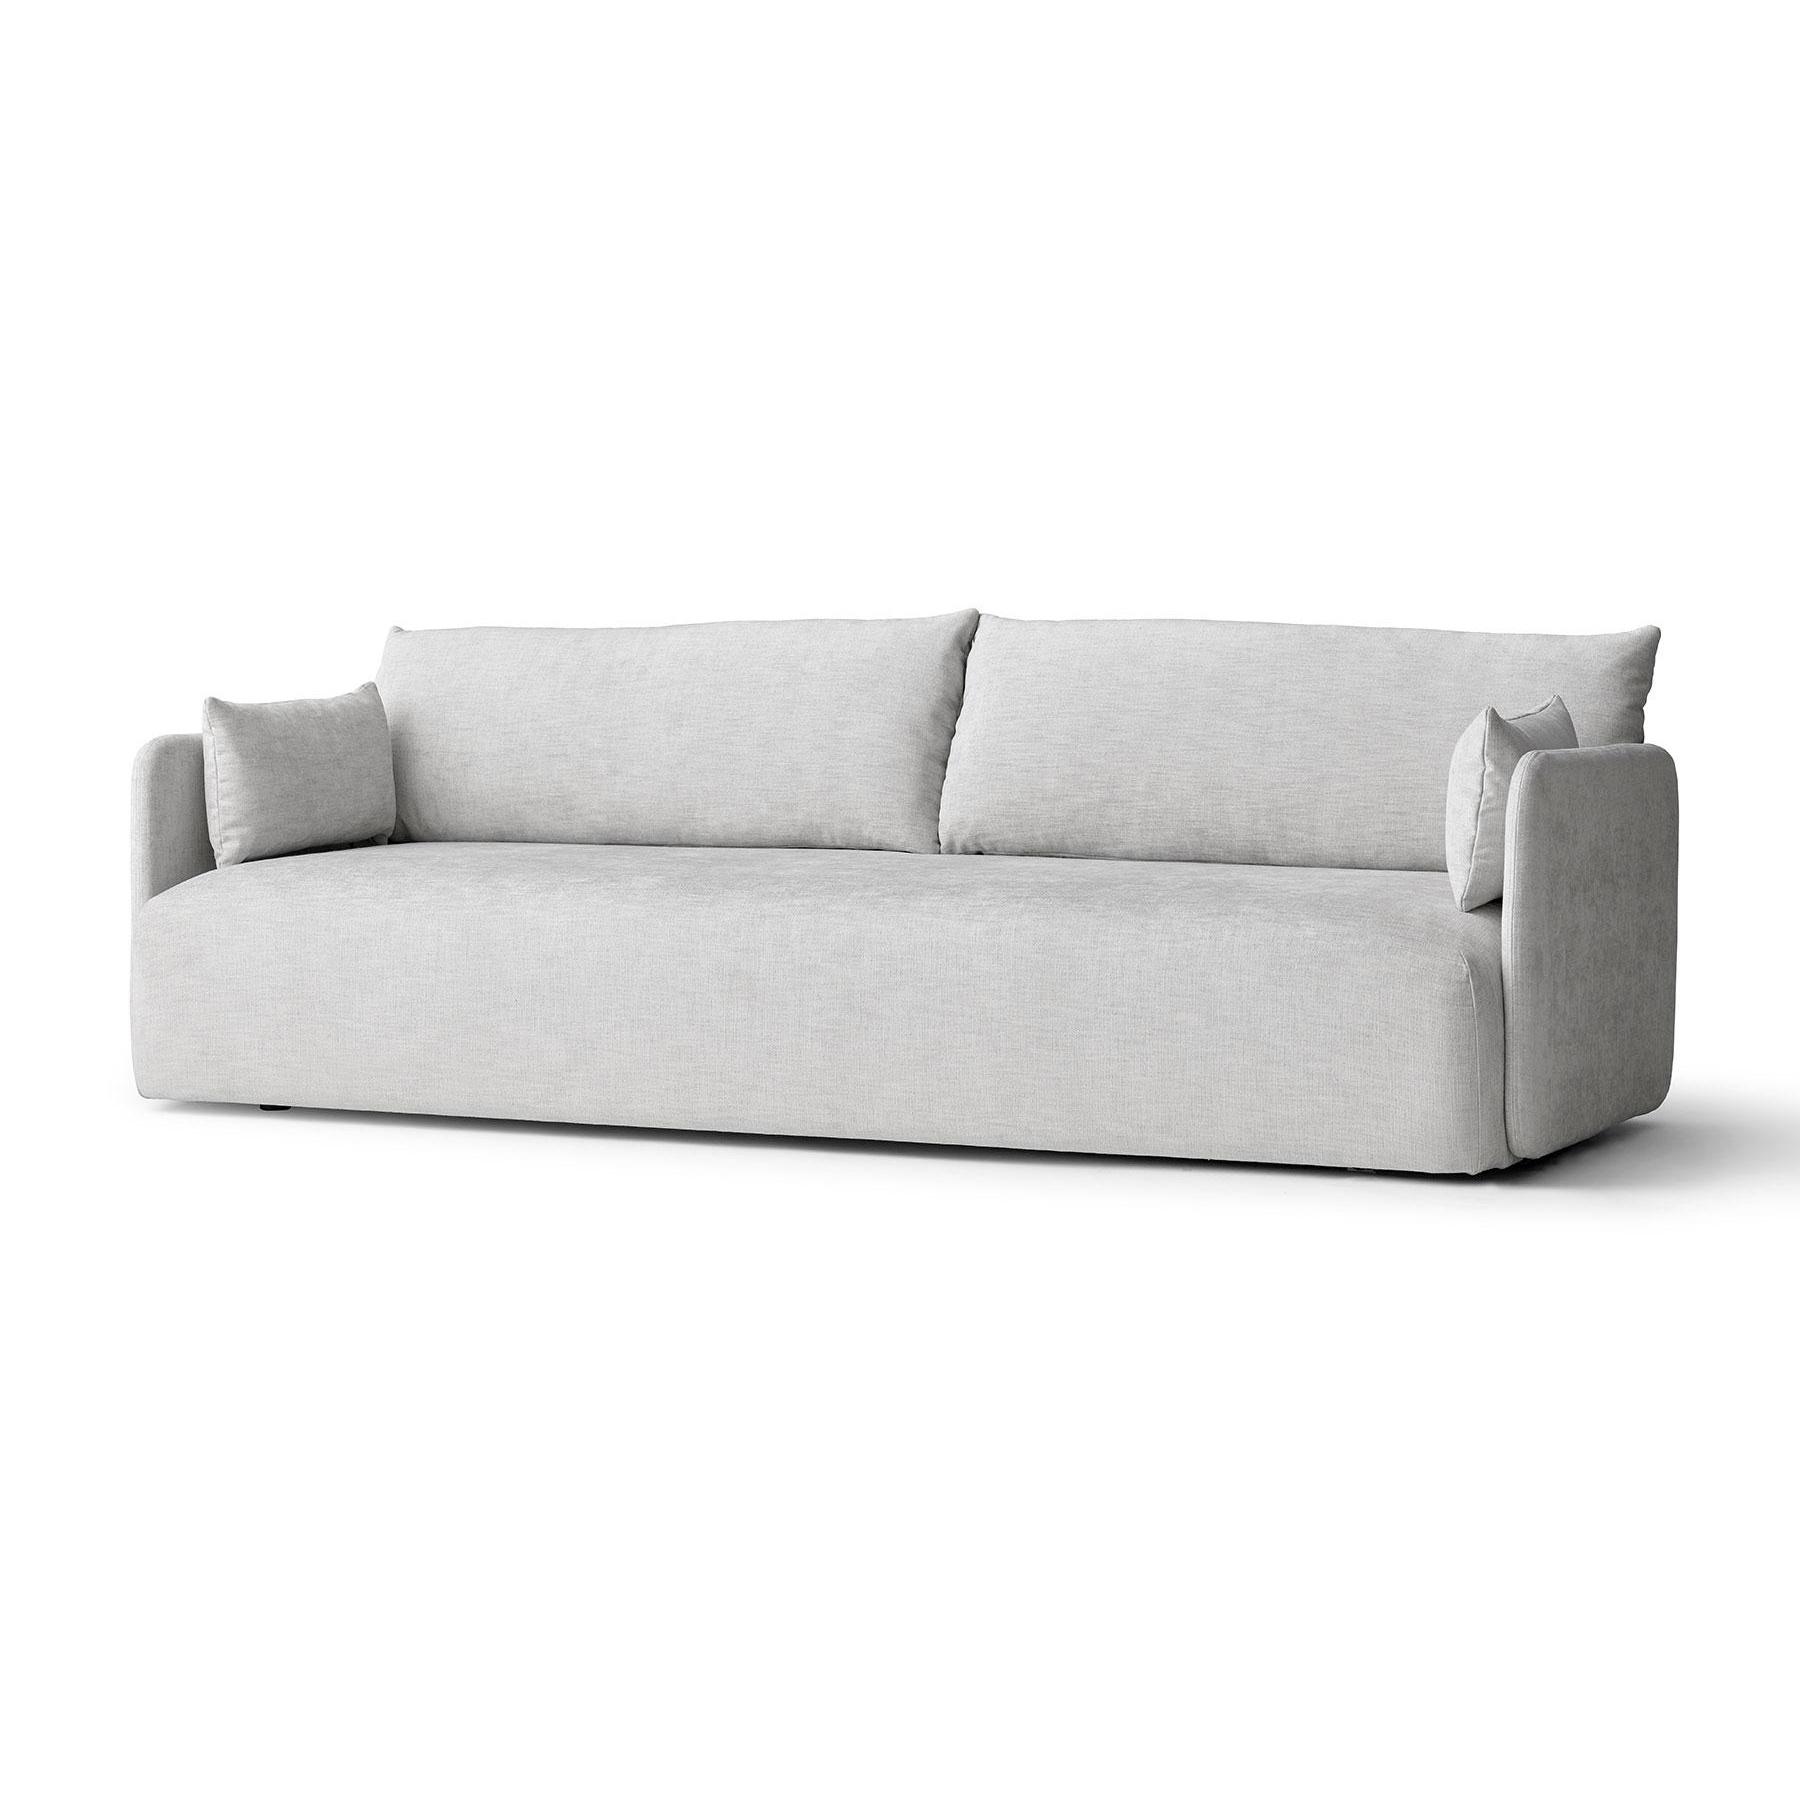 Menu - Sofa 3 places Offset - clair gris/tissu Maple 222/PxHxP 224.3x65.5x90cm/structure revêtu par poudre